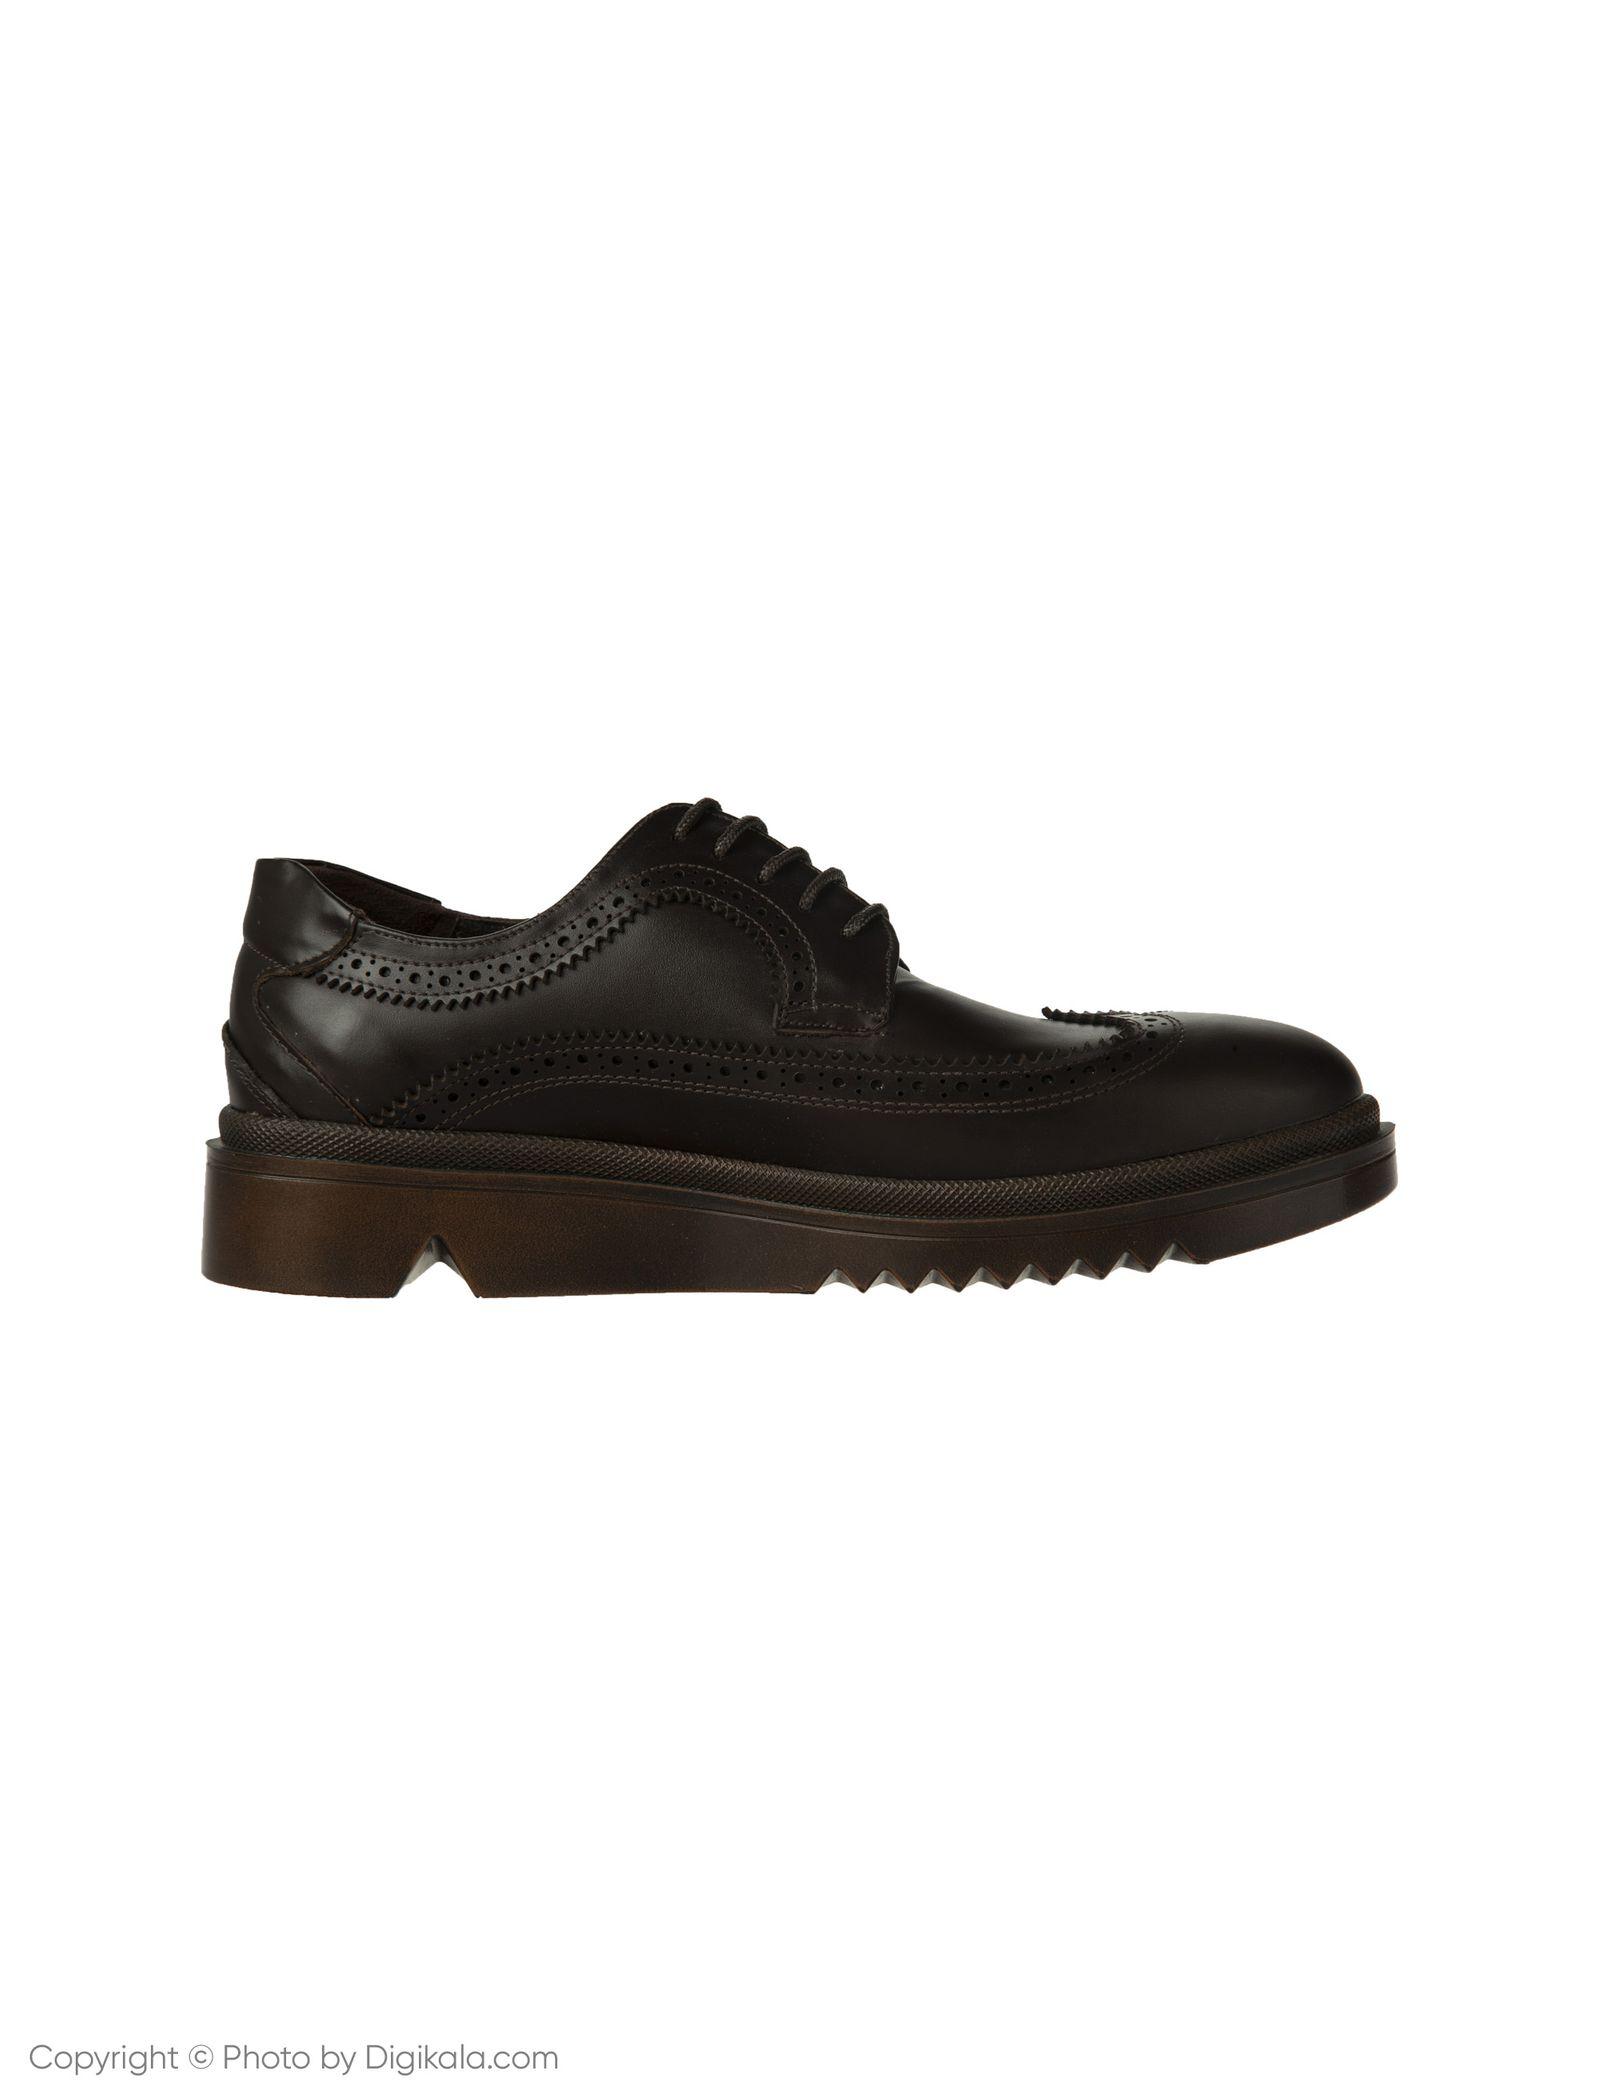 کفش مردانه ساتین مدل SN7160B-104 -  - 2